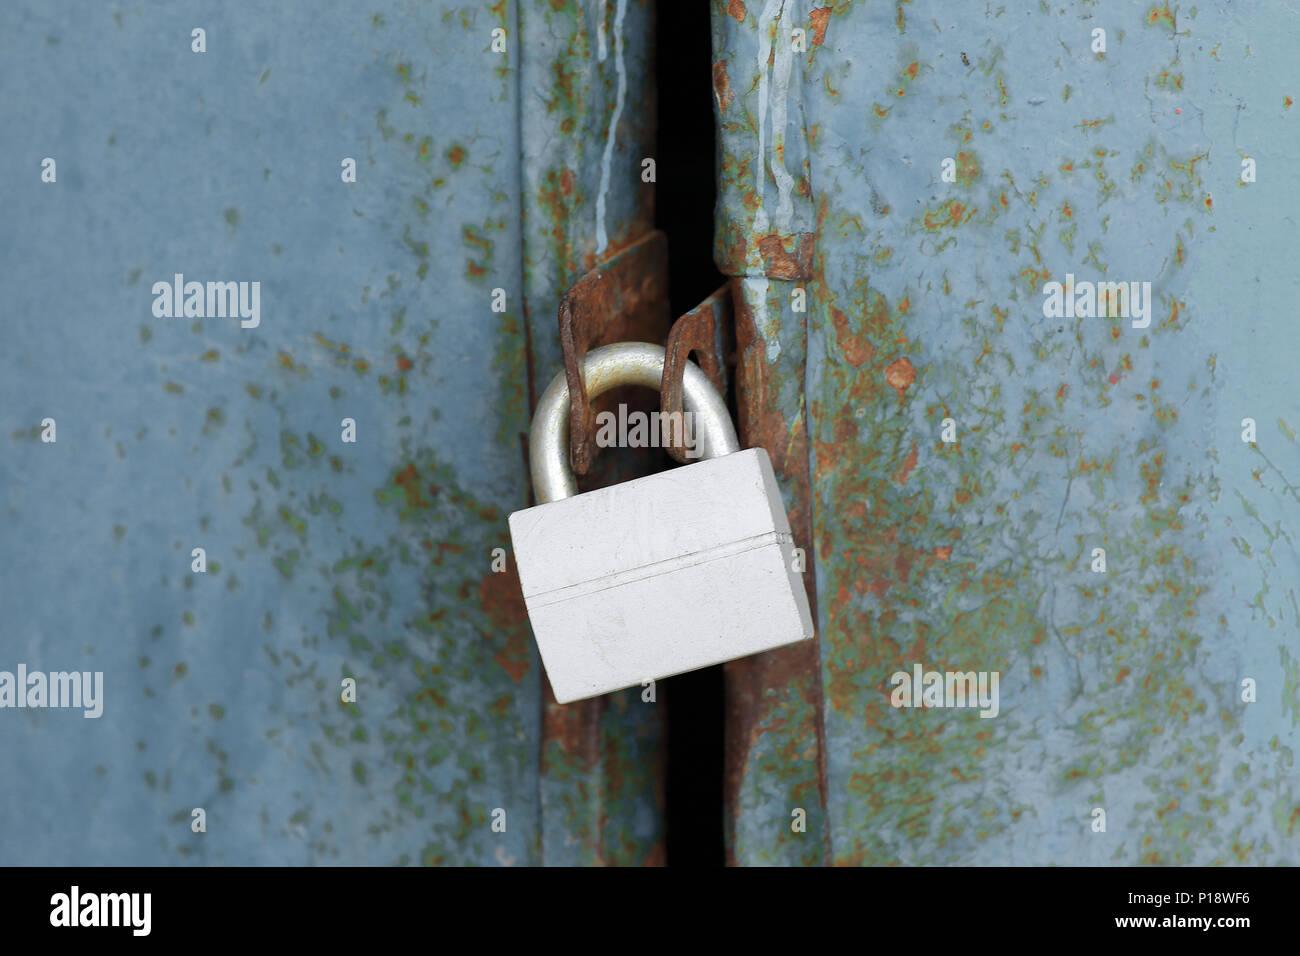 Nuevo candado cerrado sobre una antigua puerta de metal Foto de stock